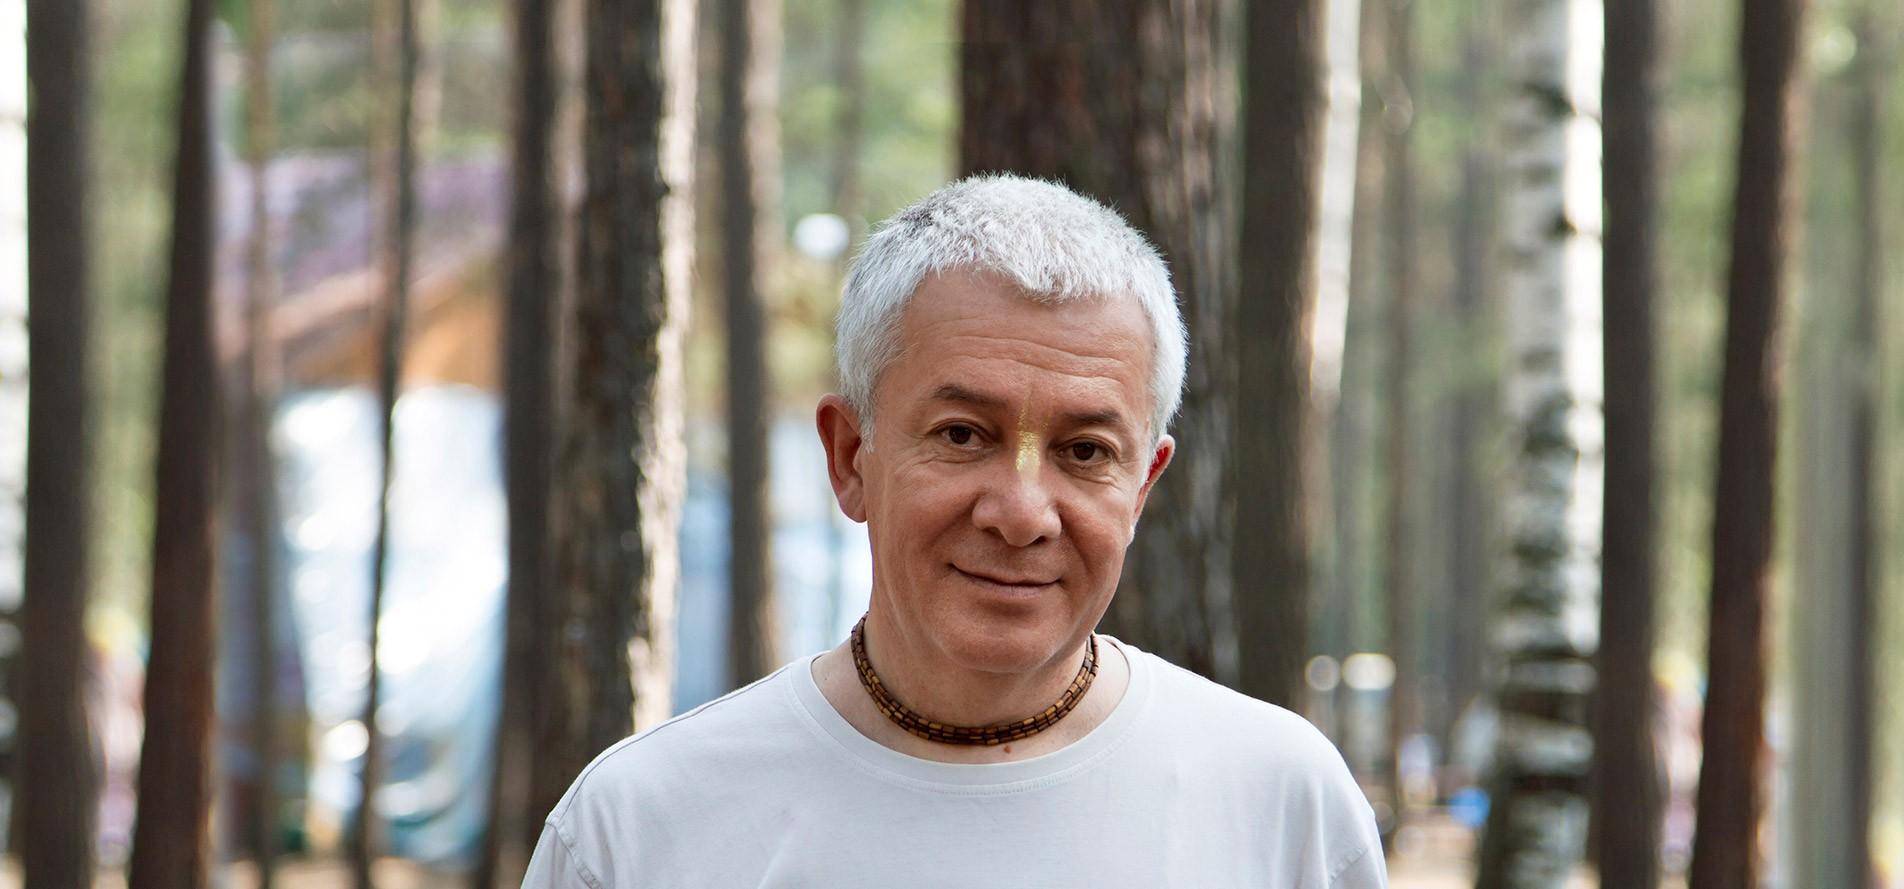 http://nondrinker.ru/project/aleksandr-hakimov/